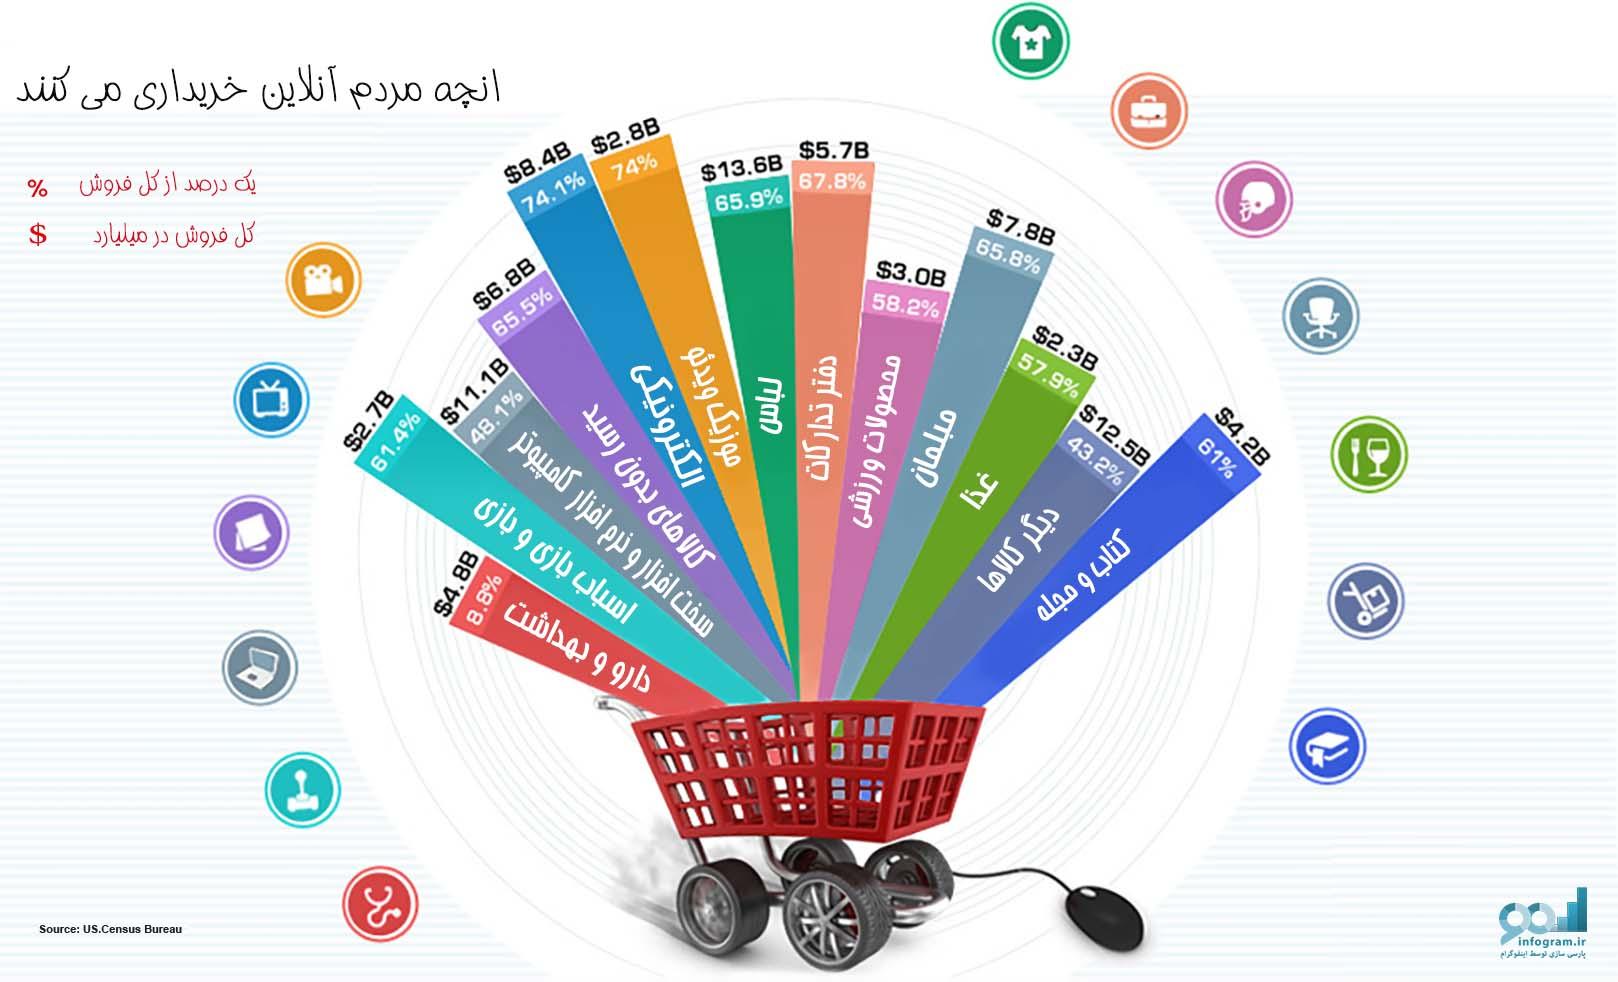 آنچه مردم آنلاین خریداری می کنند